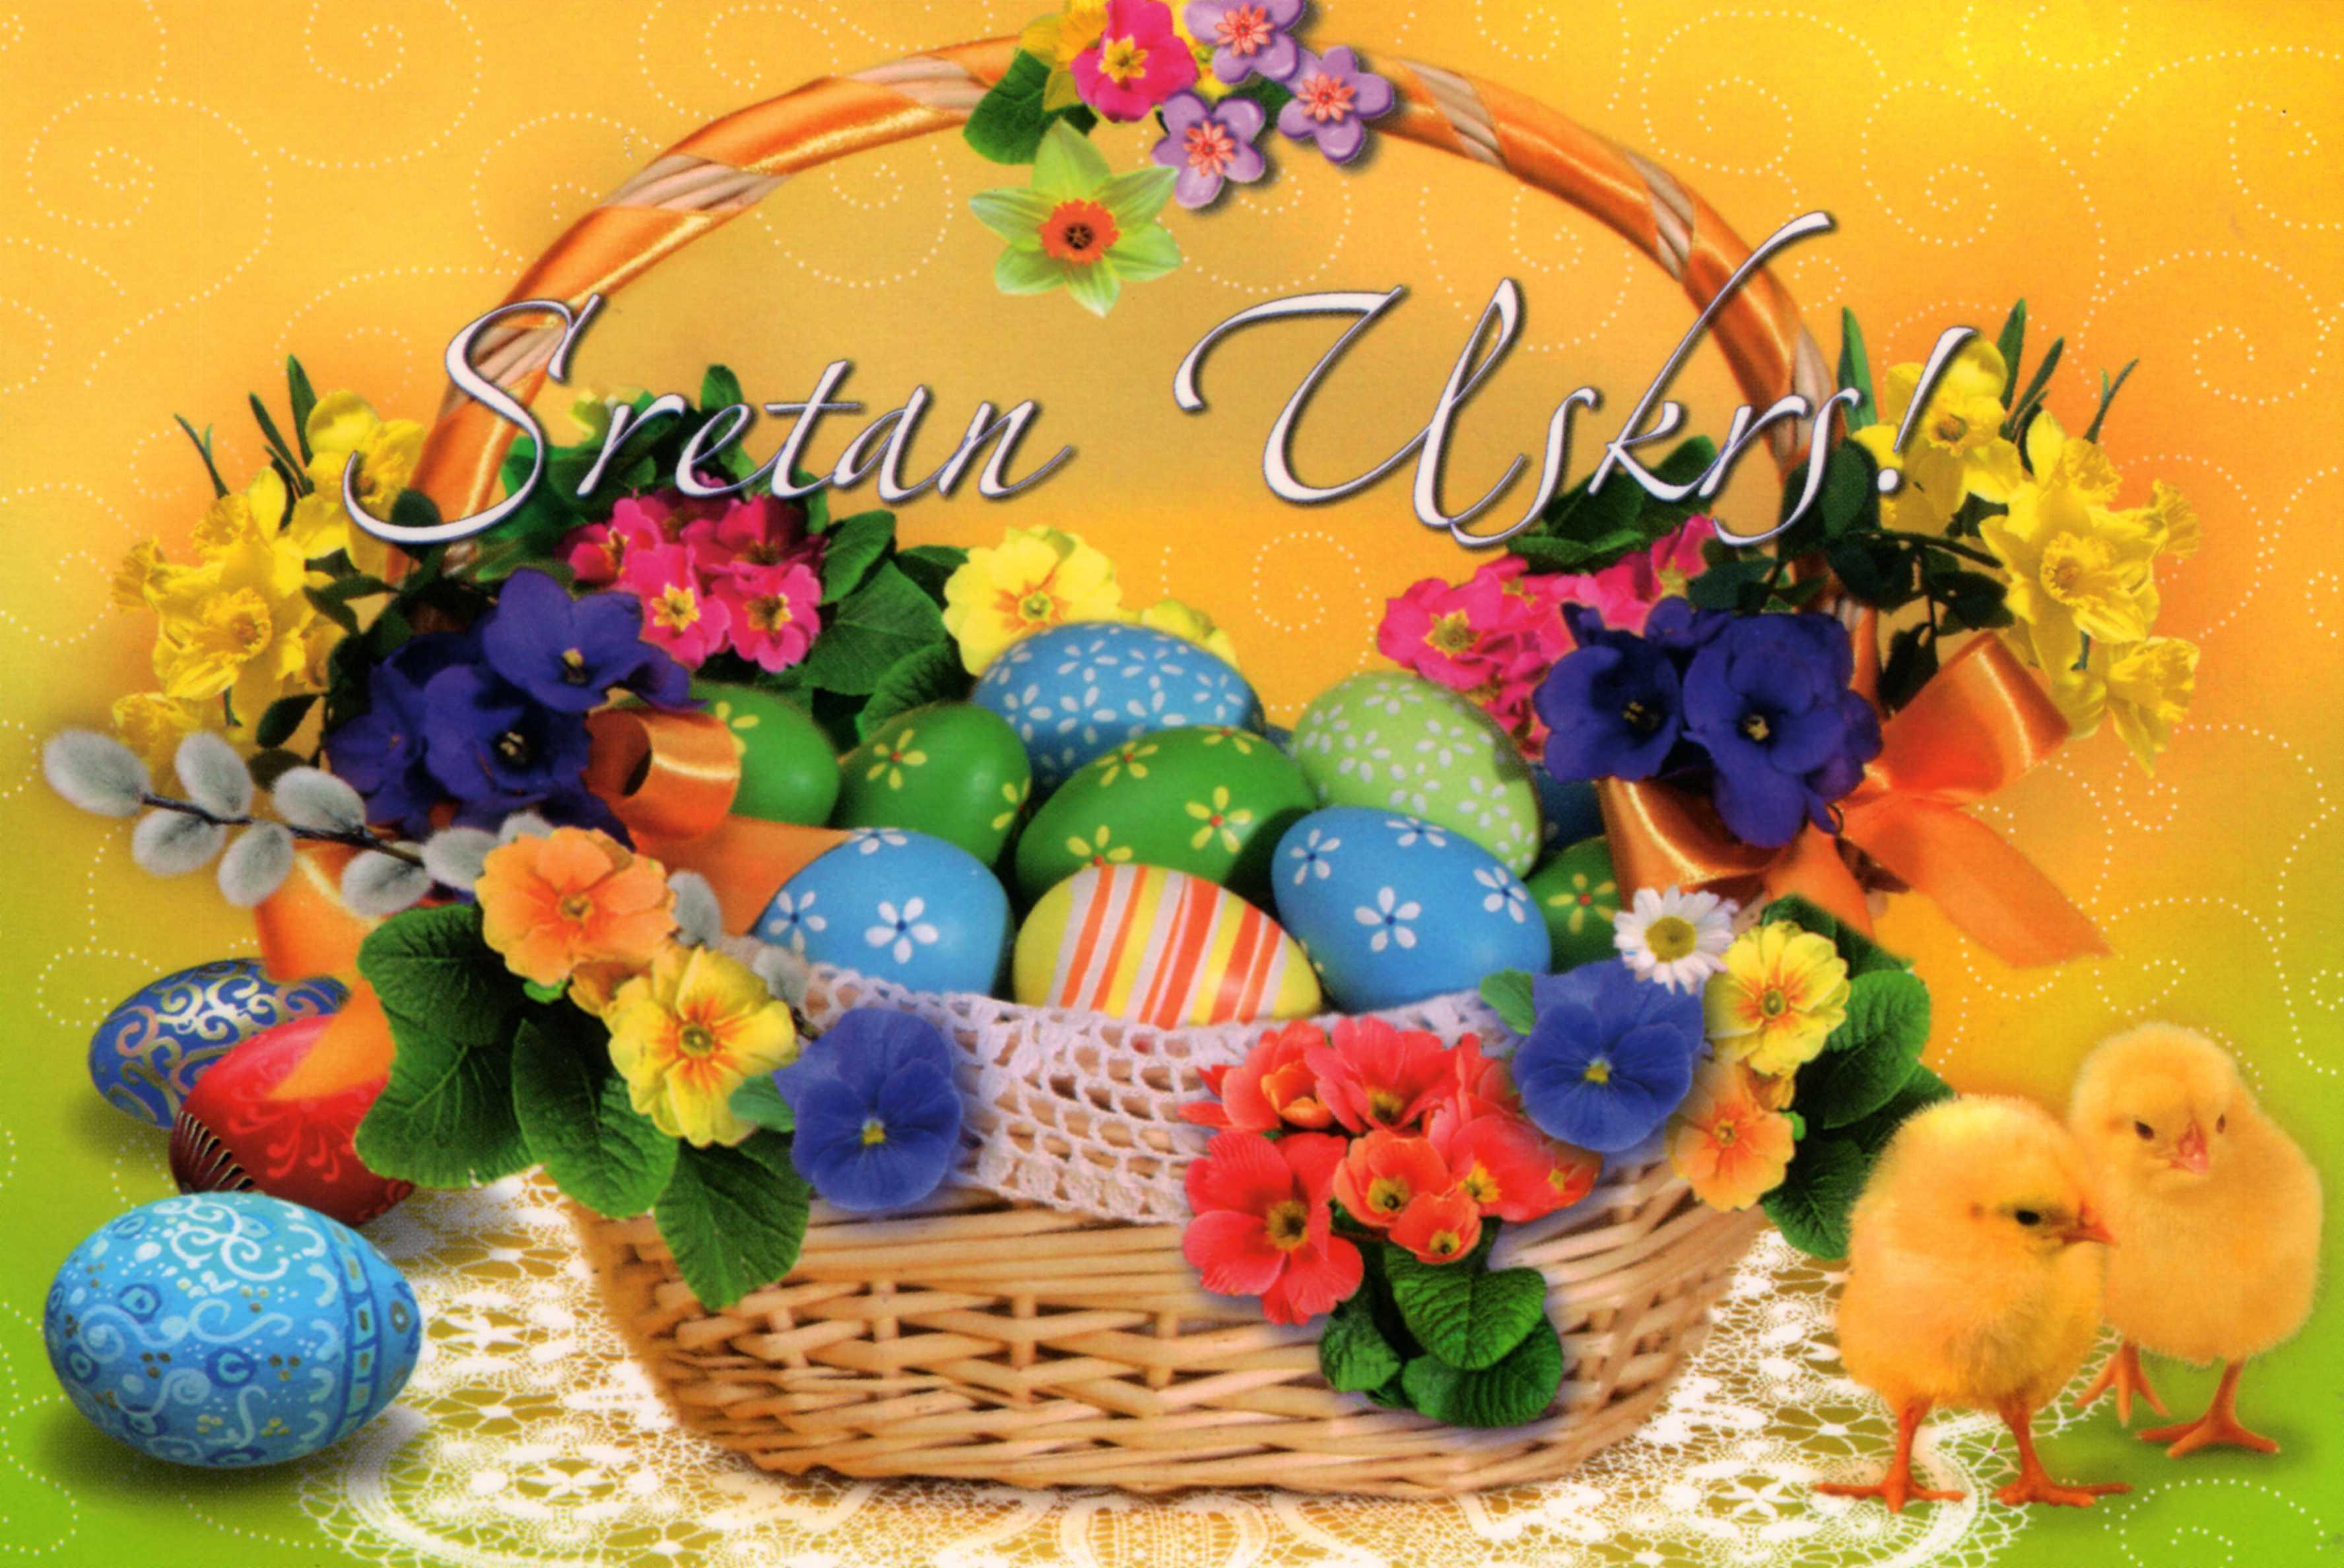 najljepše uskrsne sms čestitke Čestitke za Uskrs – Čestitke Za Sve Prilike! najljepše uskrsne sms čestitke